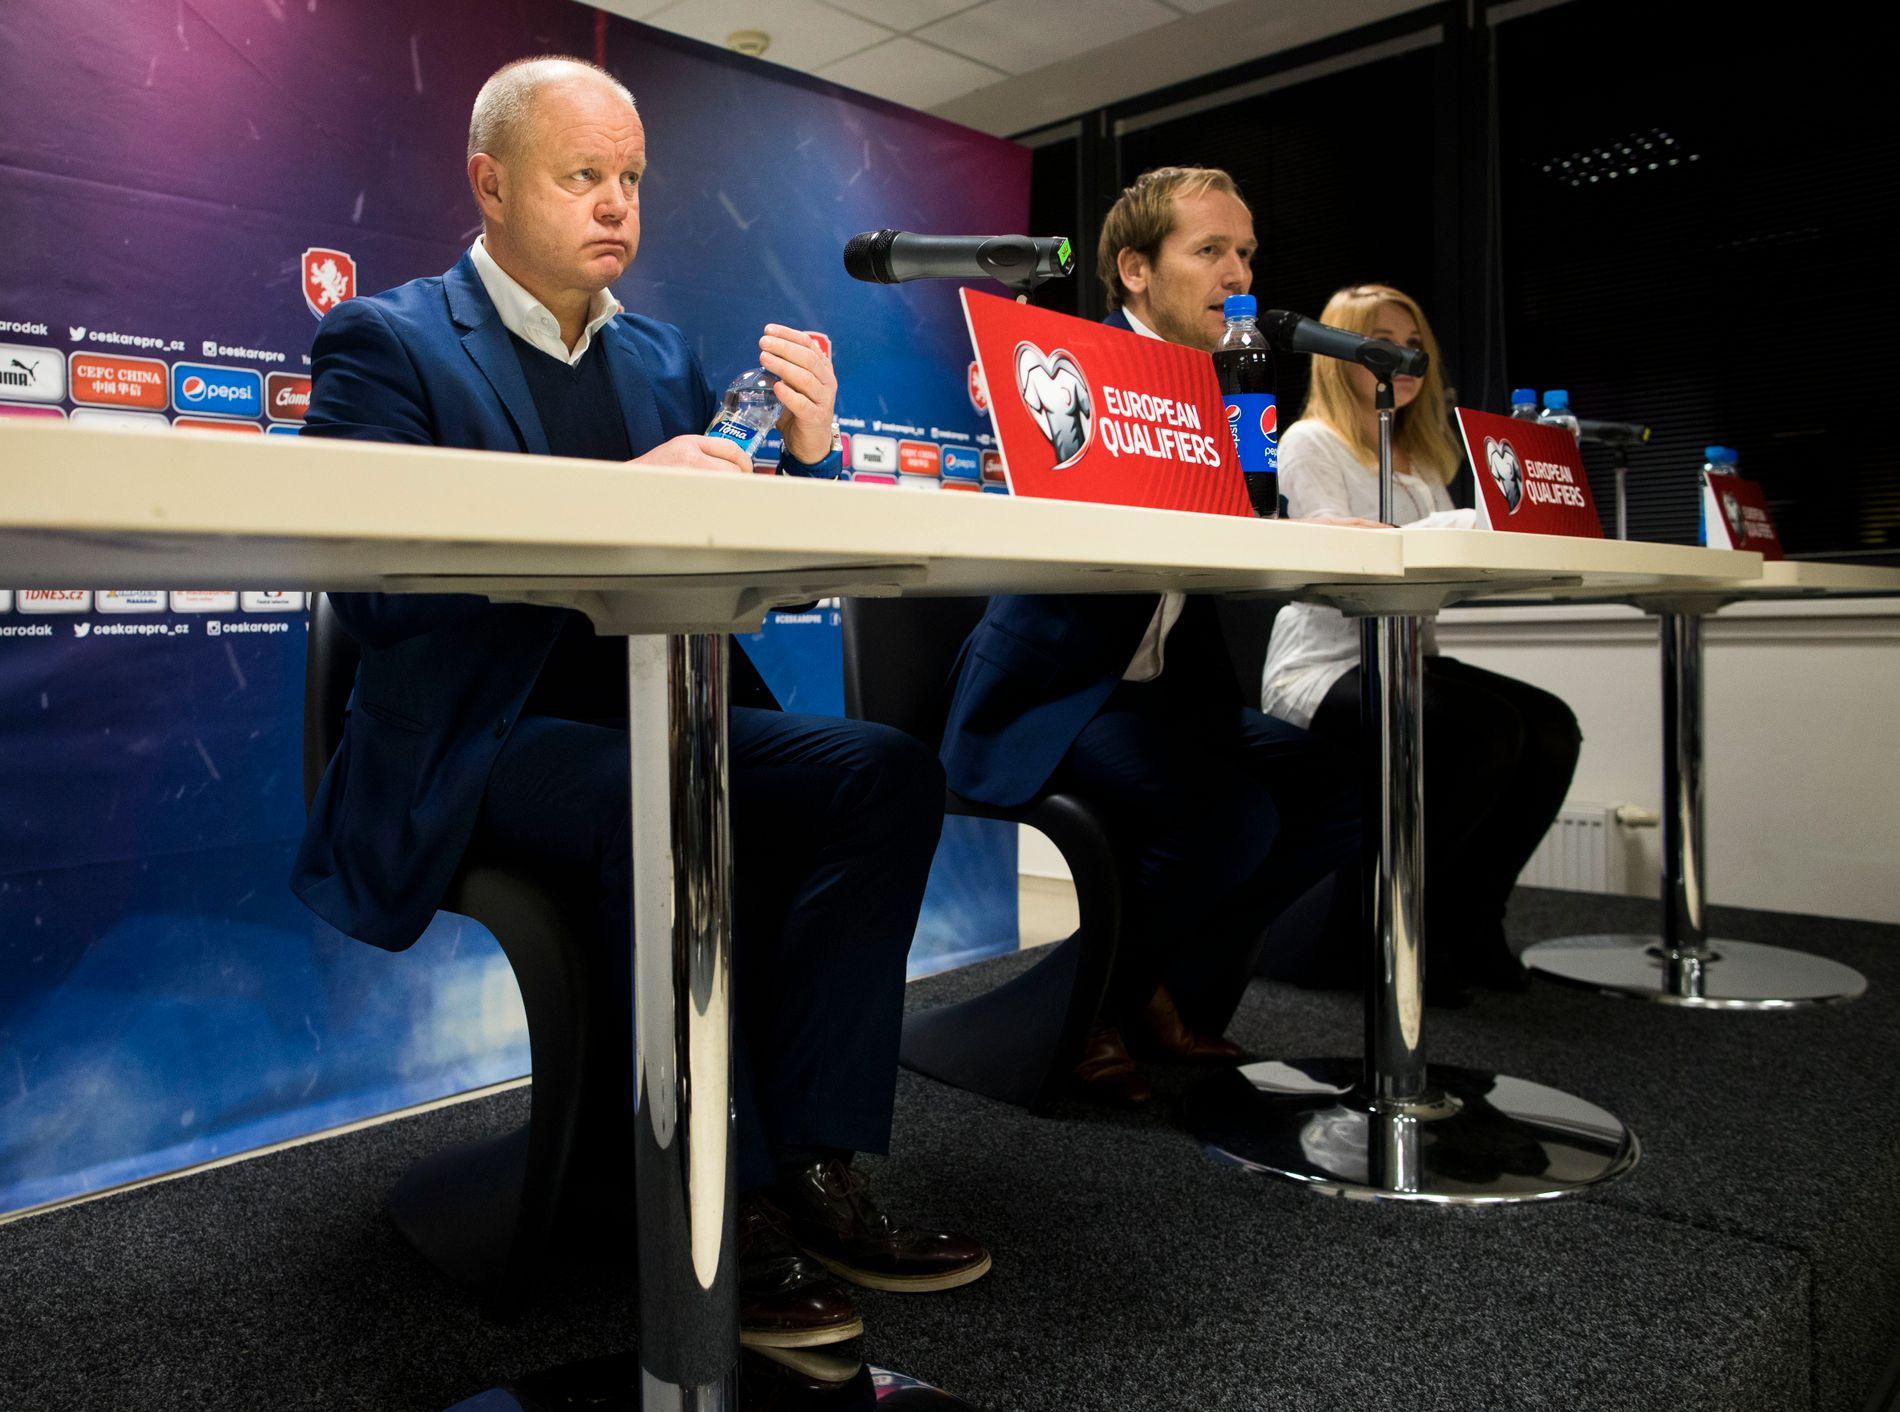 SISTE TUR MED GJENGEN? Per-Mathias Høgmo virket resignert etter tapet for Tsjekkia som langt på vei spolerer forhåpningene om VM-deltagelse i 2018. Men han ville ikke gå av.